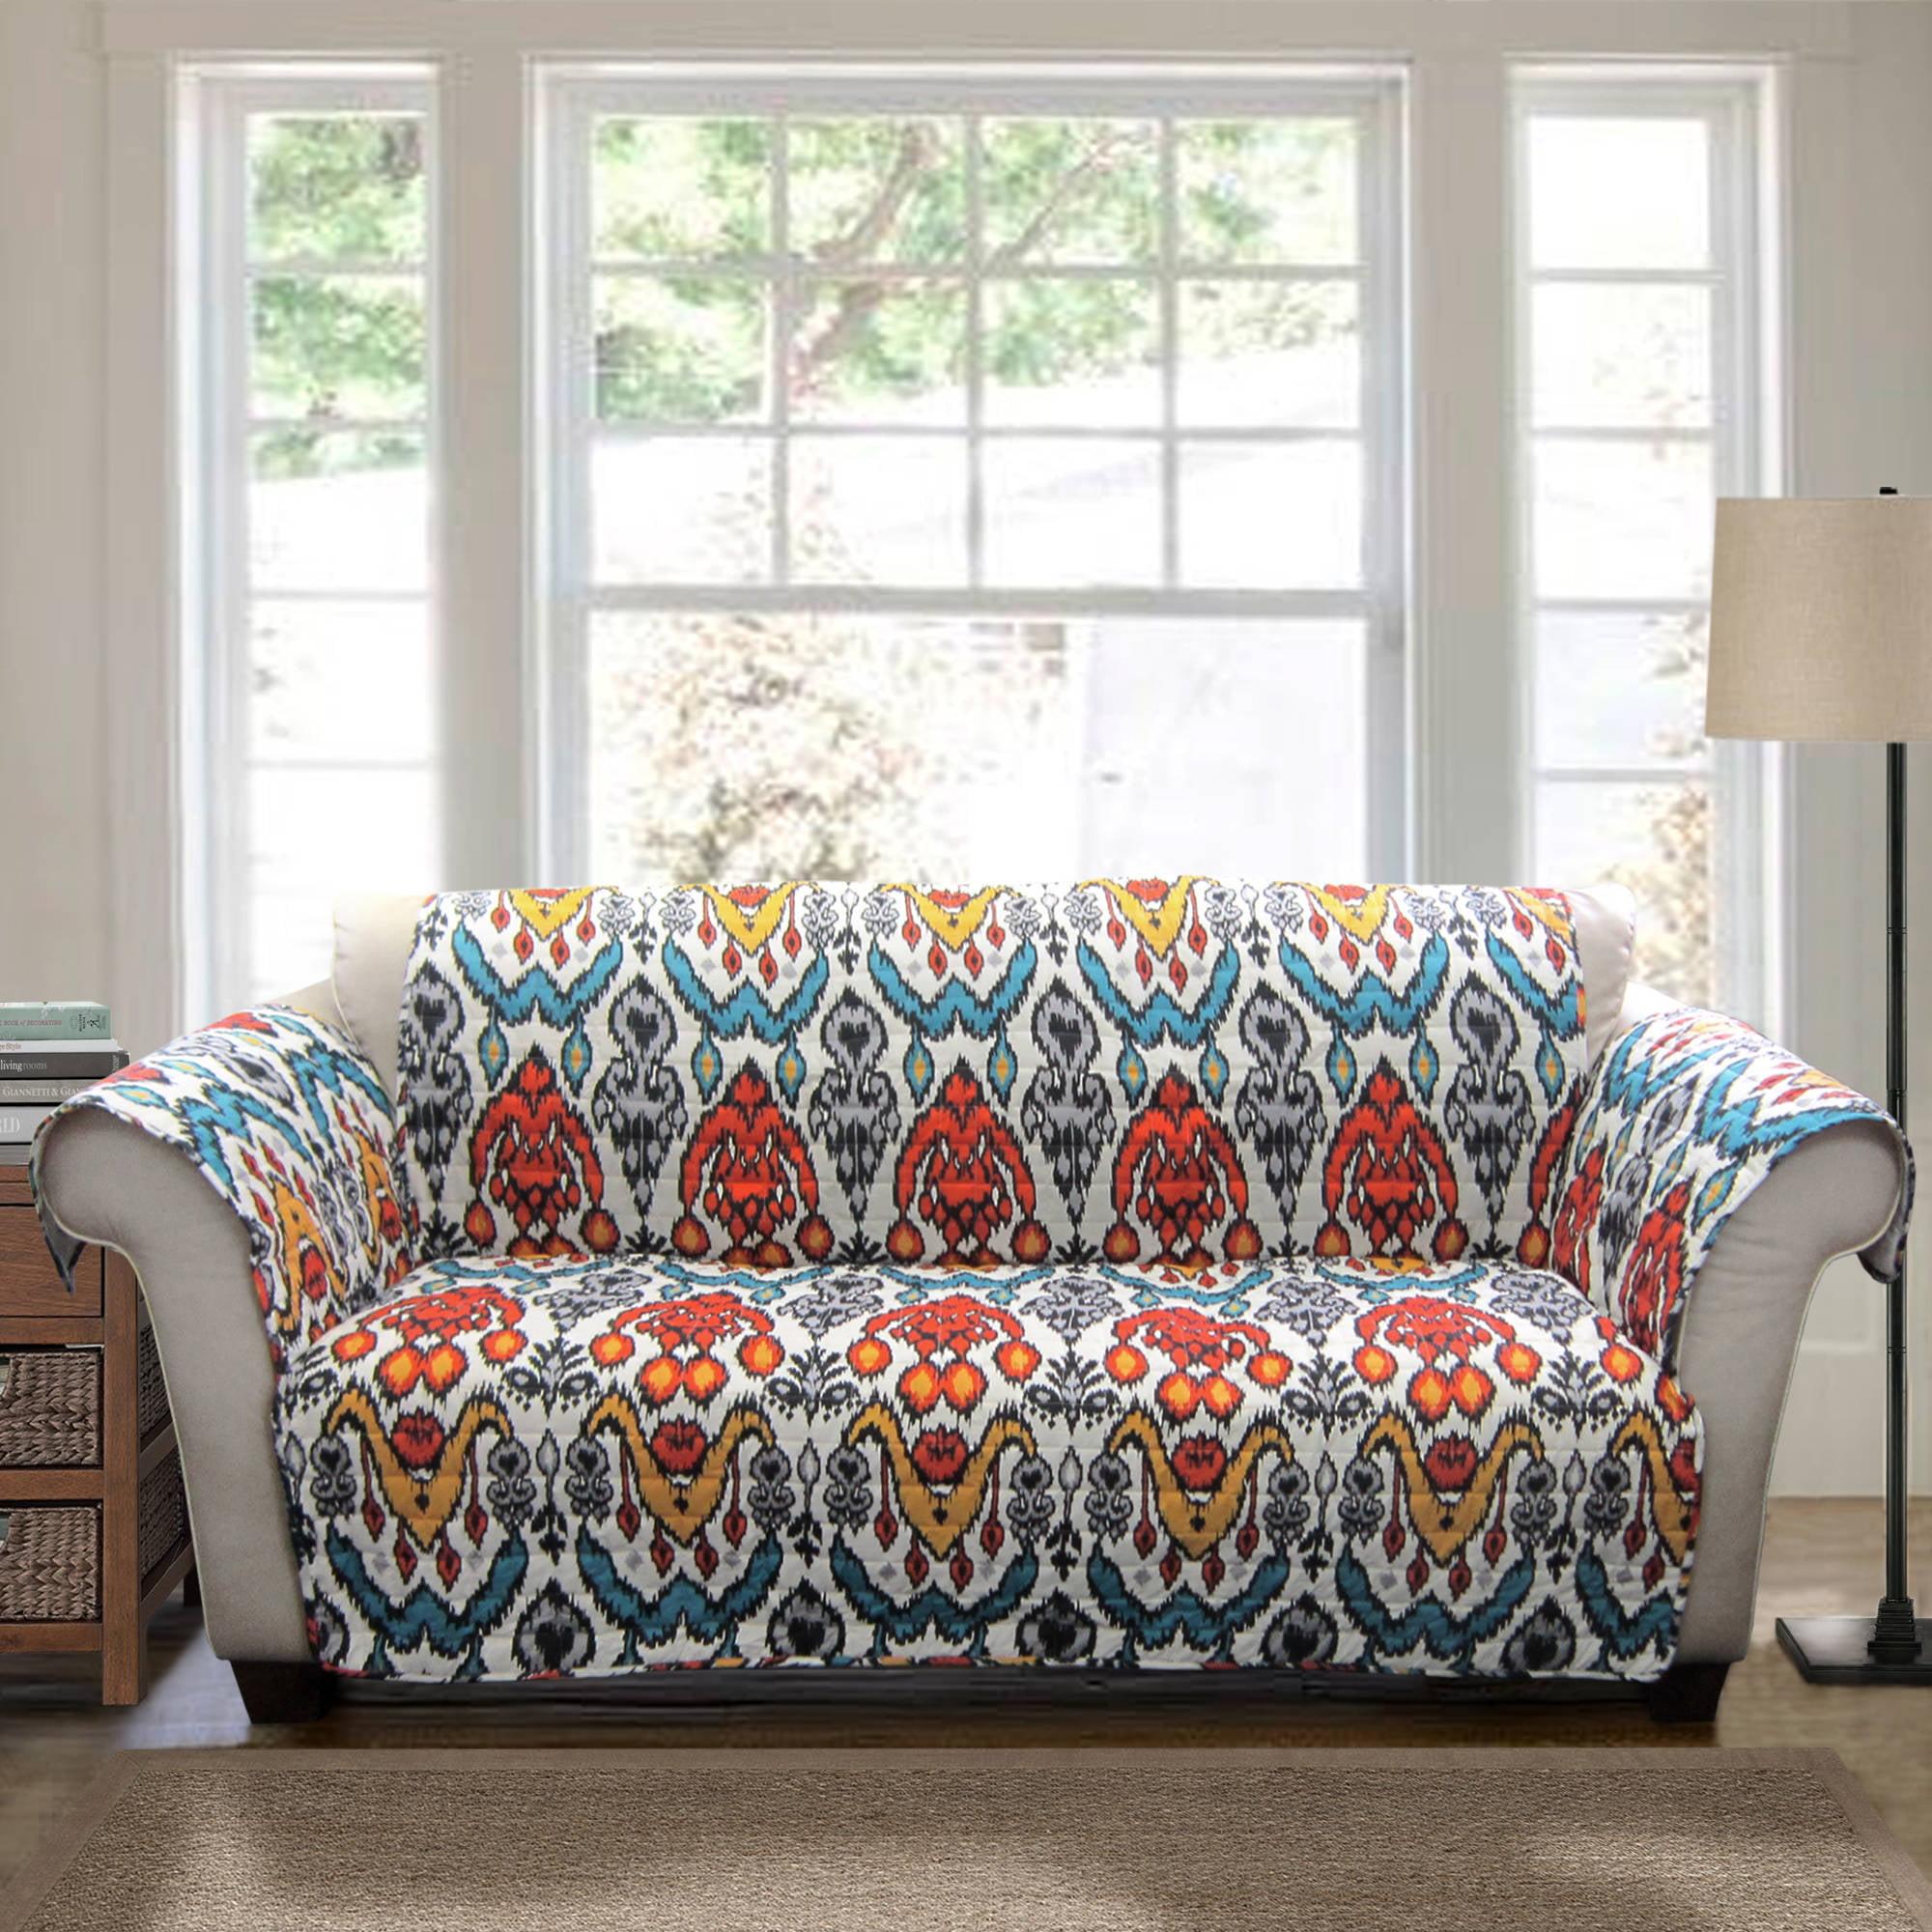 Jaipur Ikat Furniture Protectors Turquoise Rust Walmart